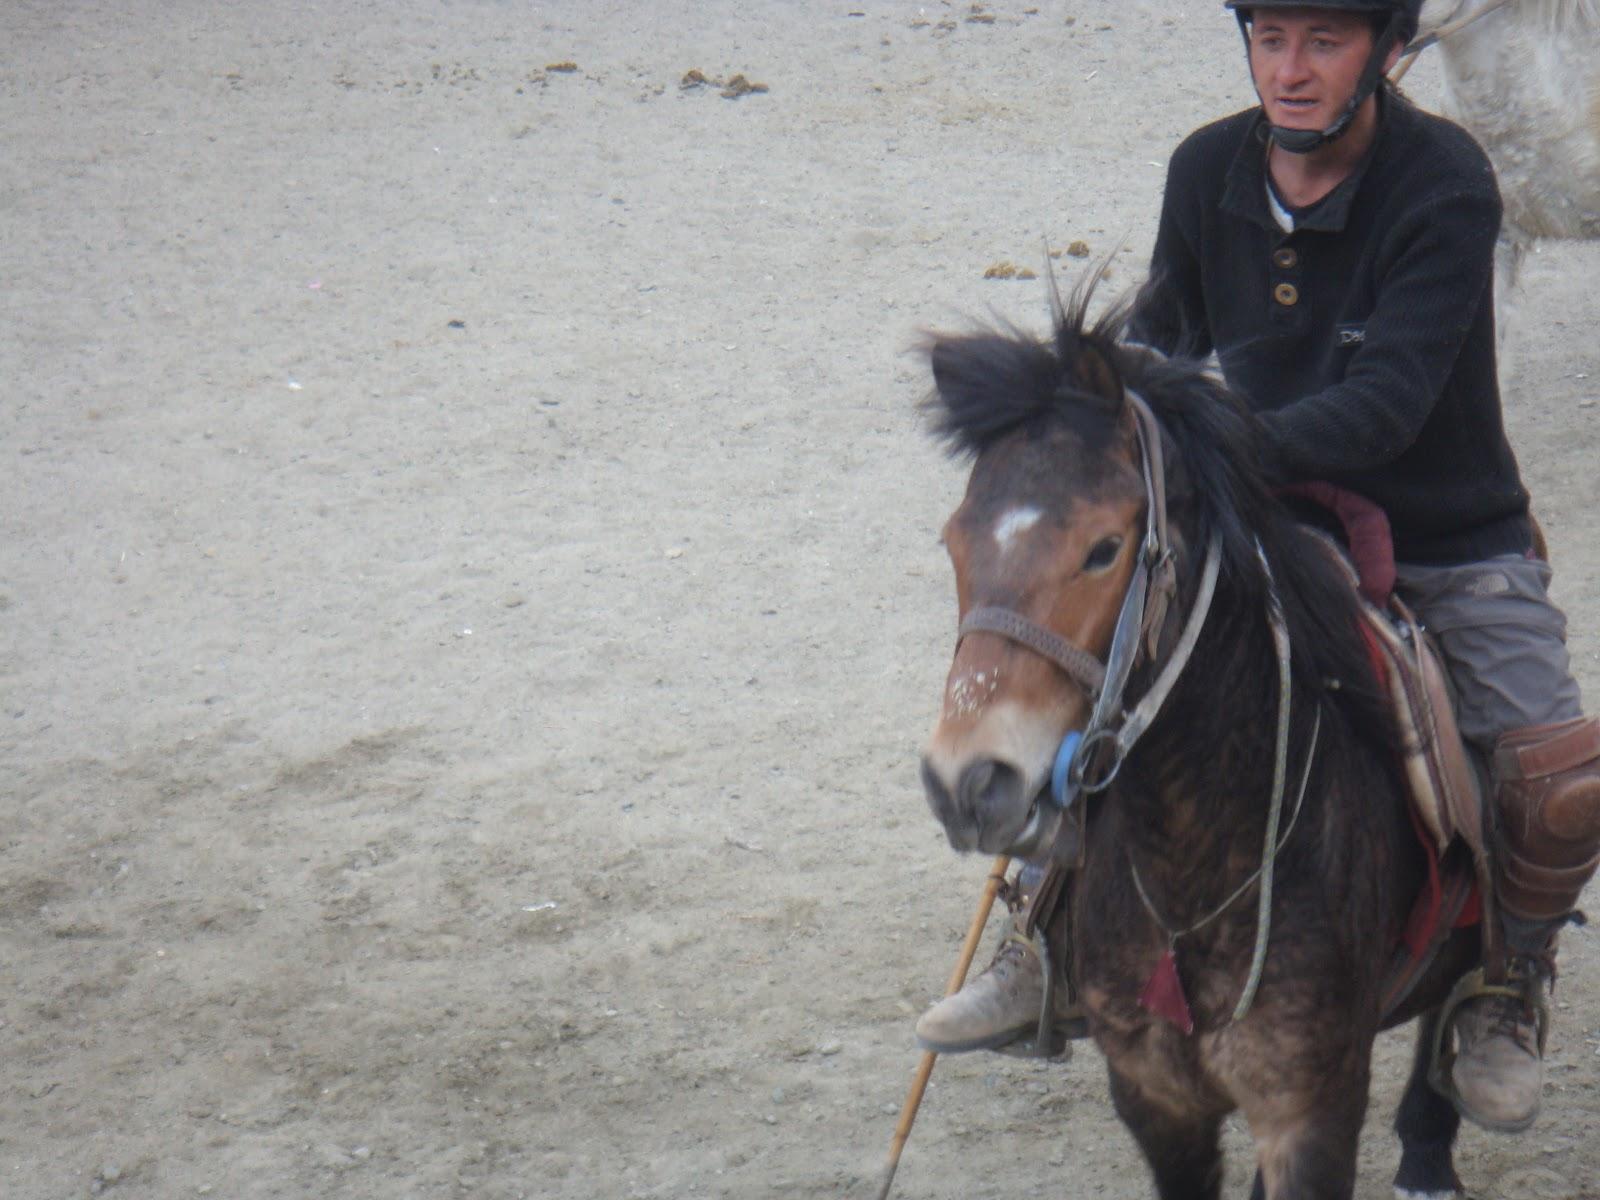 Losar-festival-ladakh-polo-player